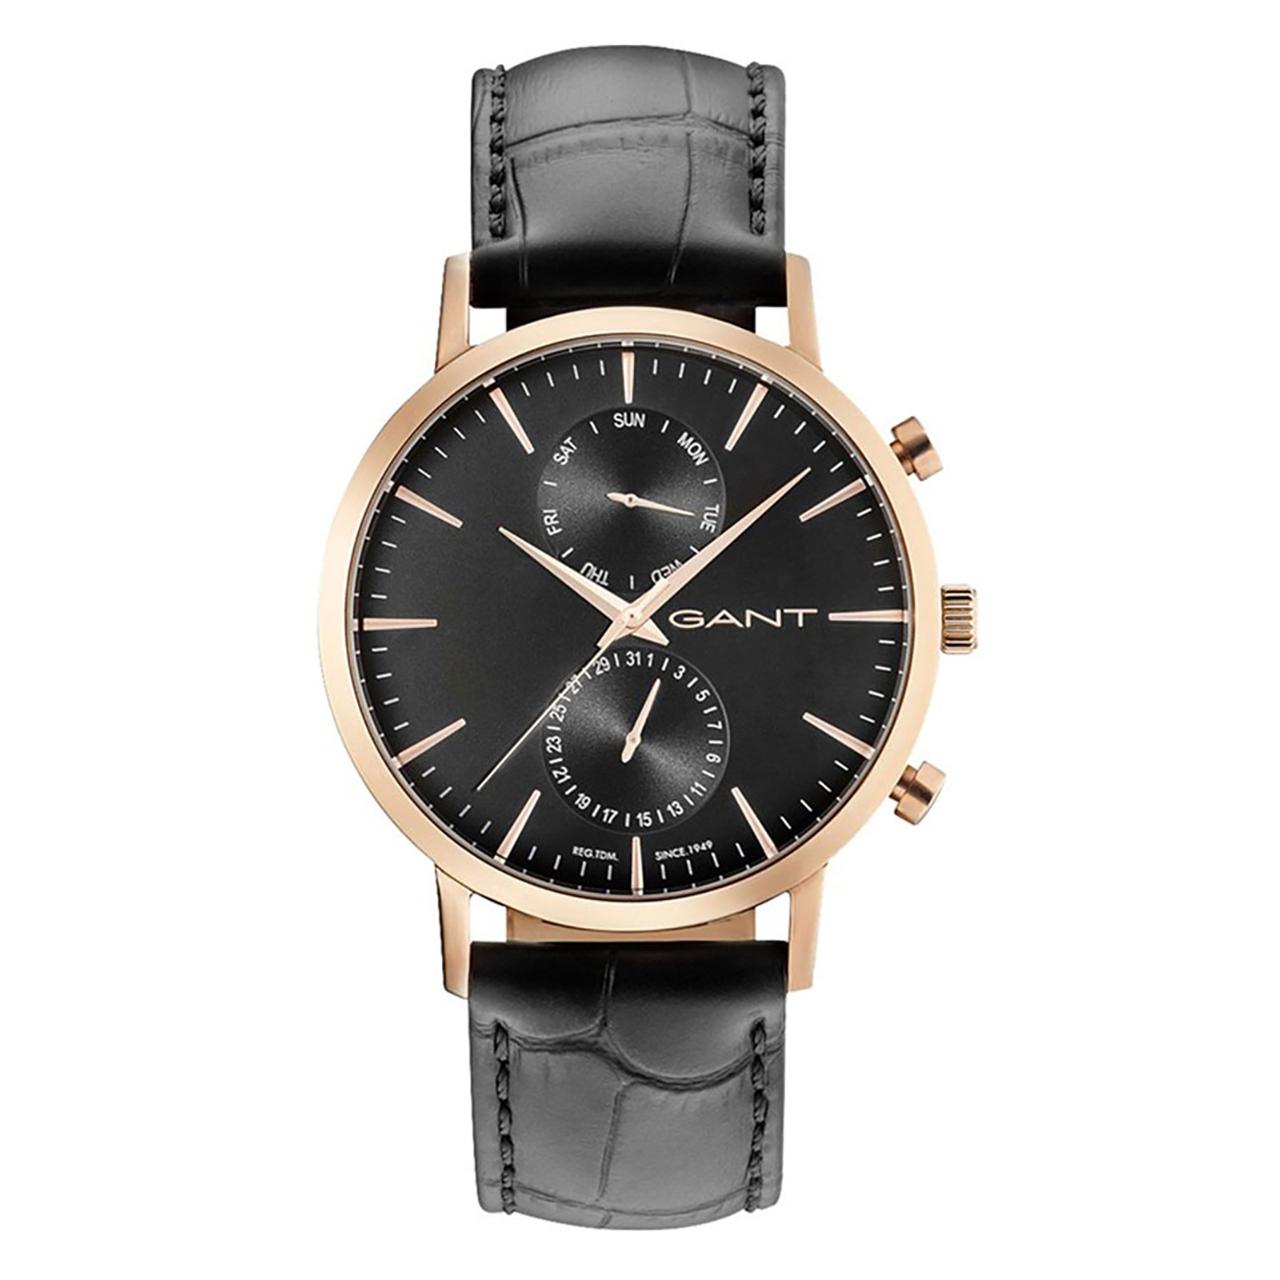 ساعت مچی عقربه ای مردانه گنت مدل GW11213